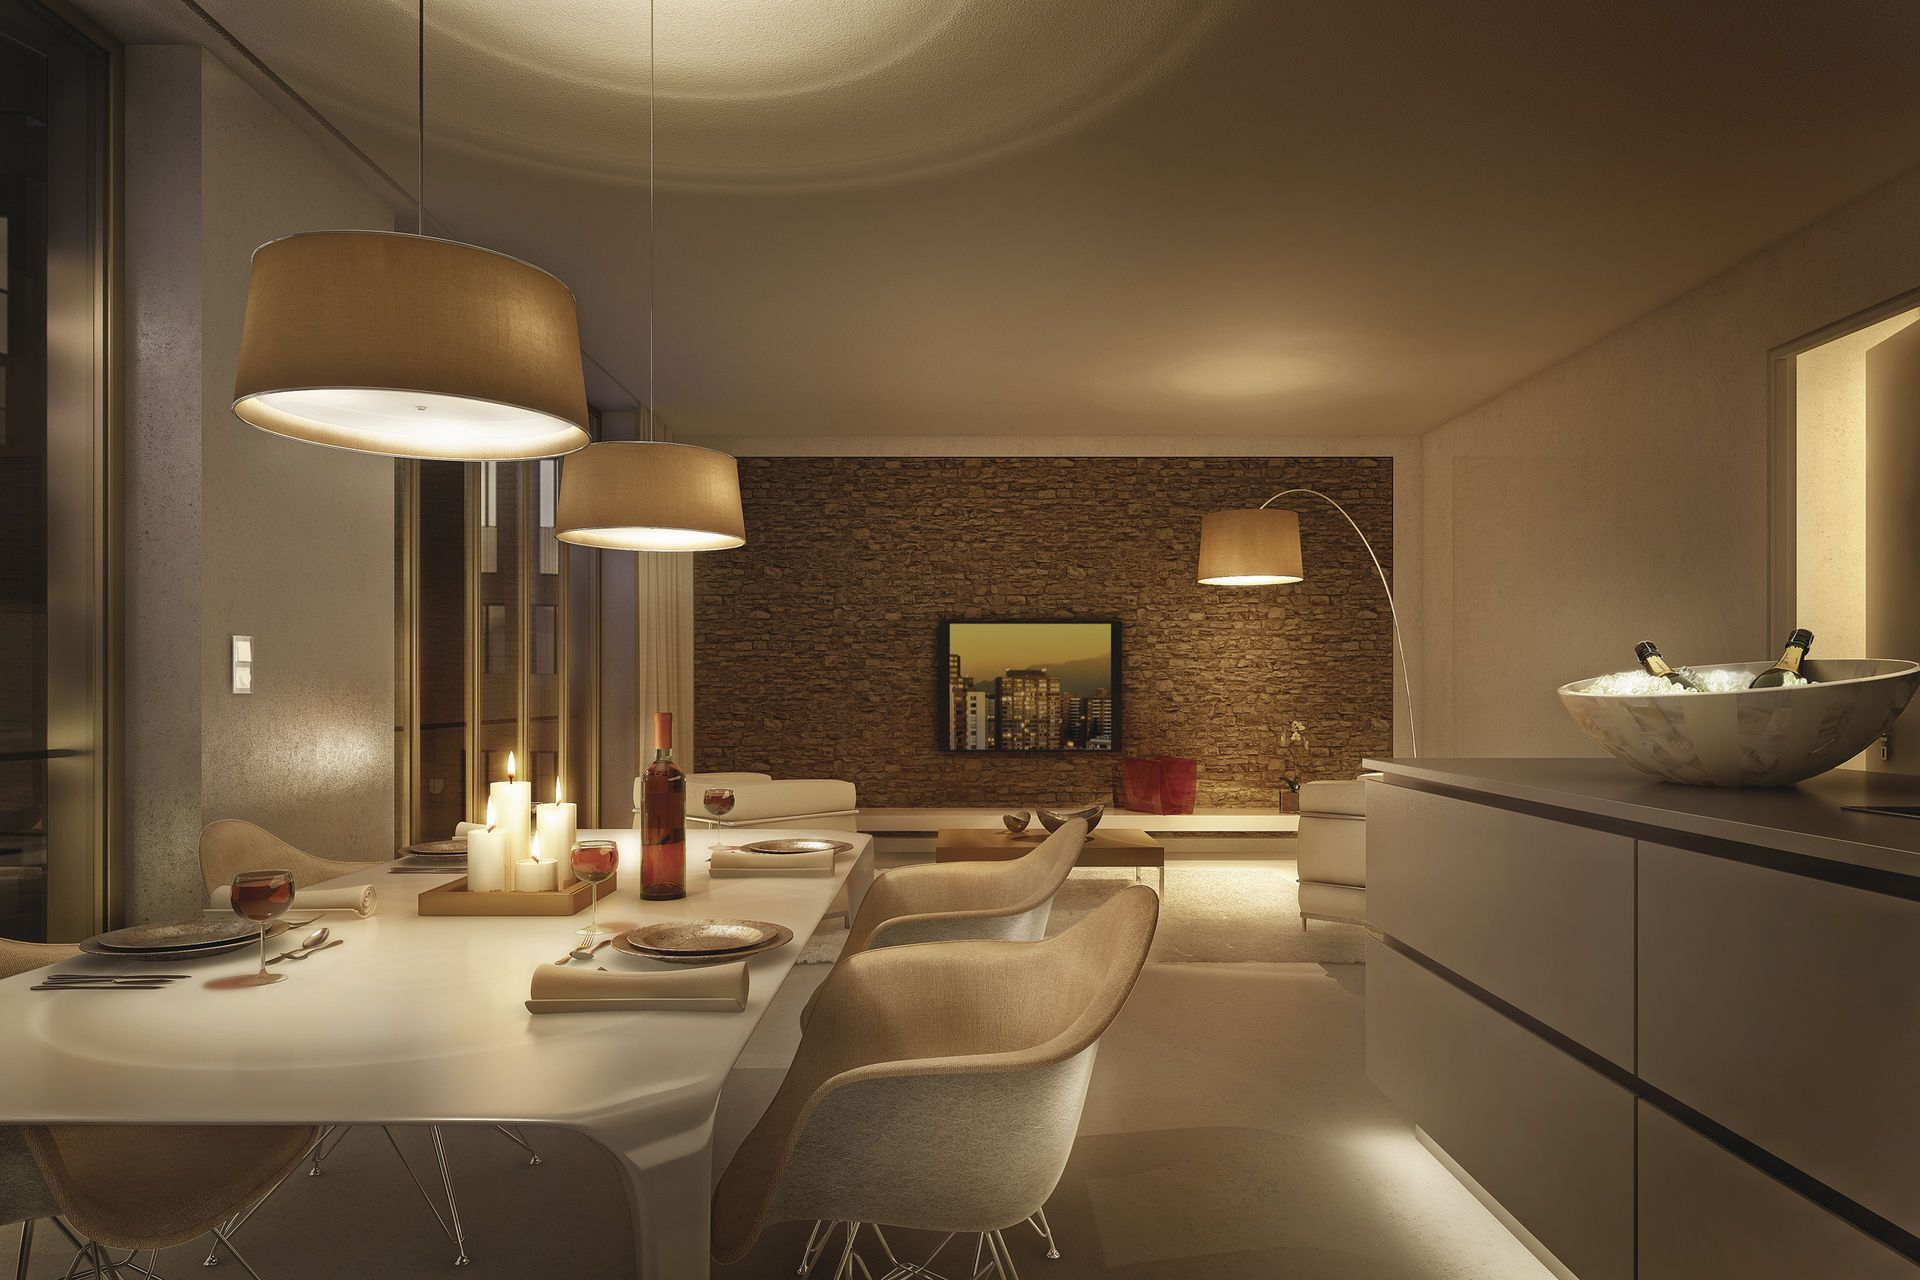 20 Tipps für die optimale Beleuchtung - bauemotion.de